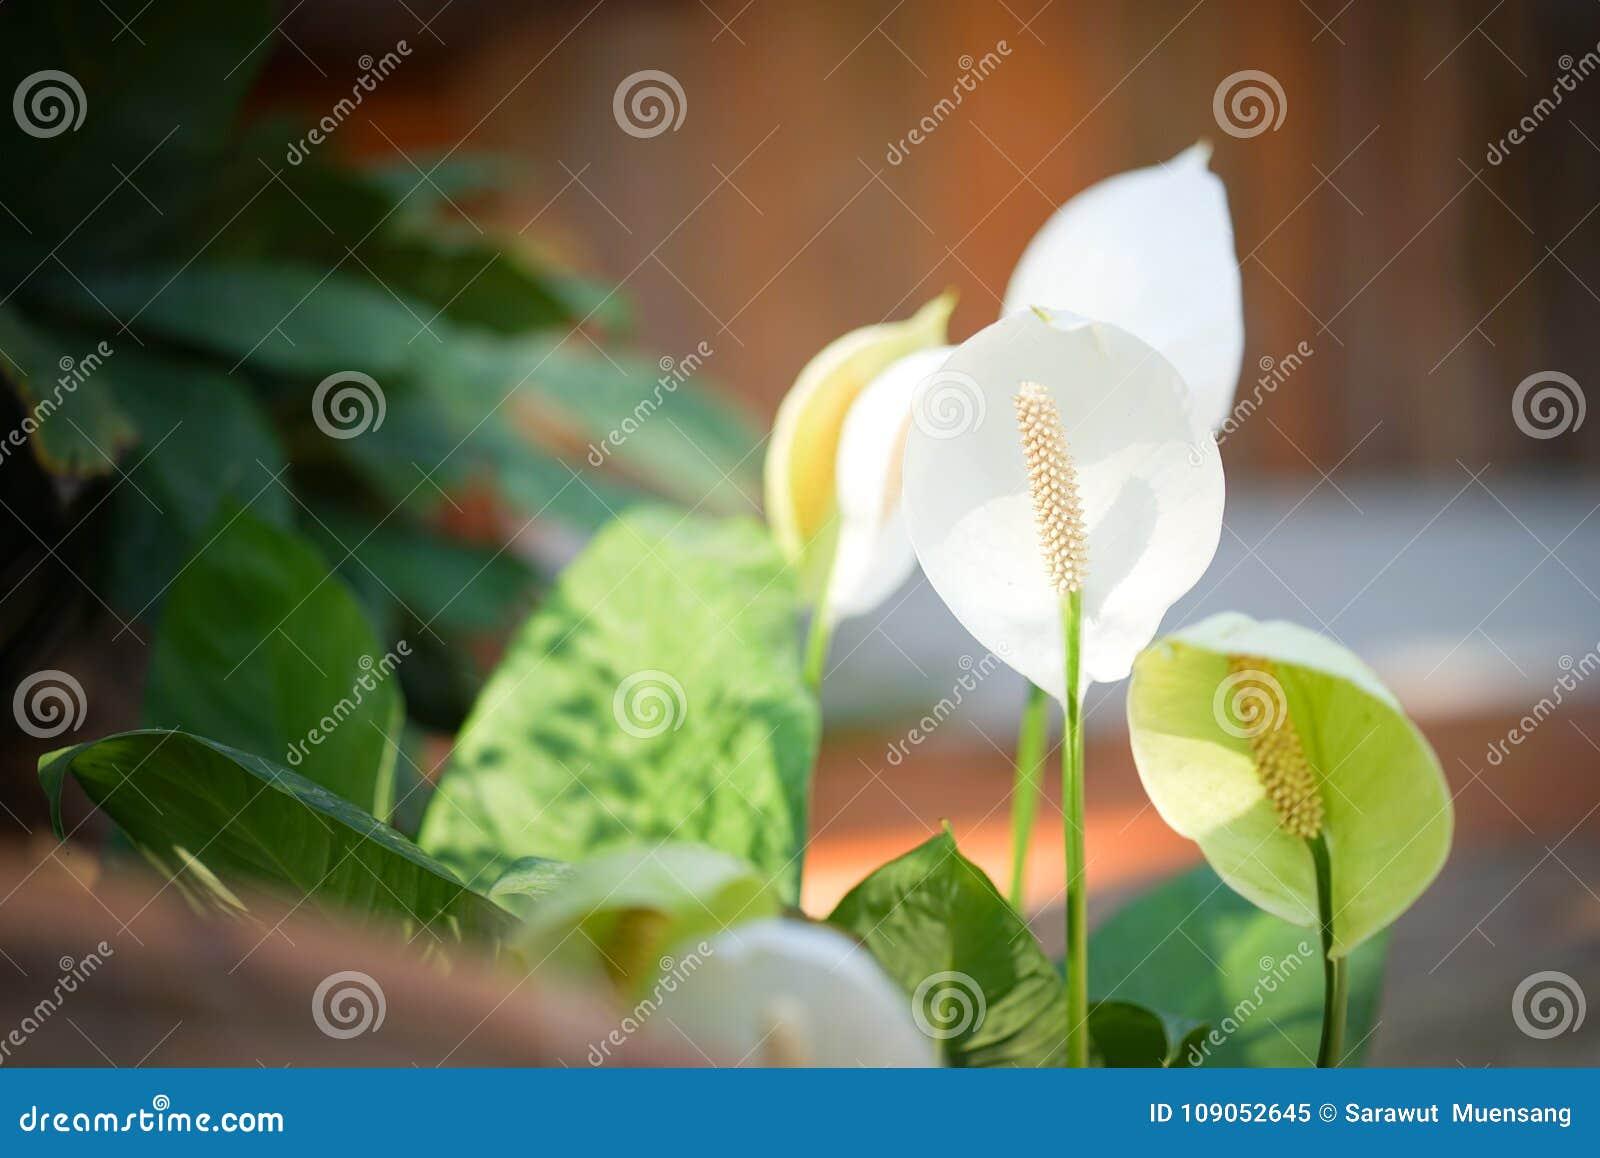 White Anthurium Flowers Stock Image Image Of Gardening 109052645